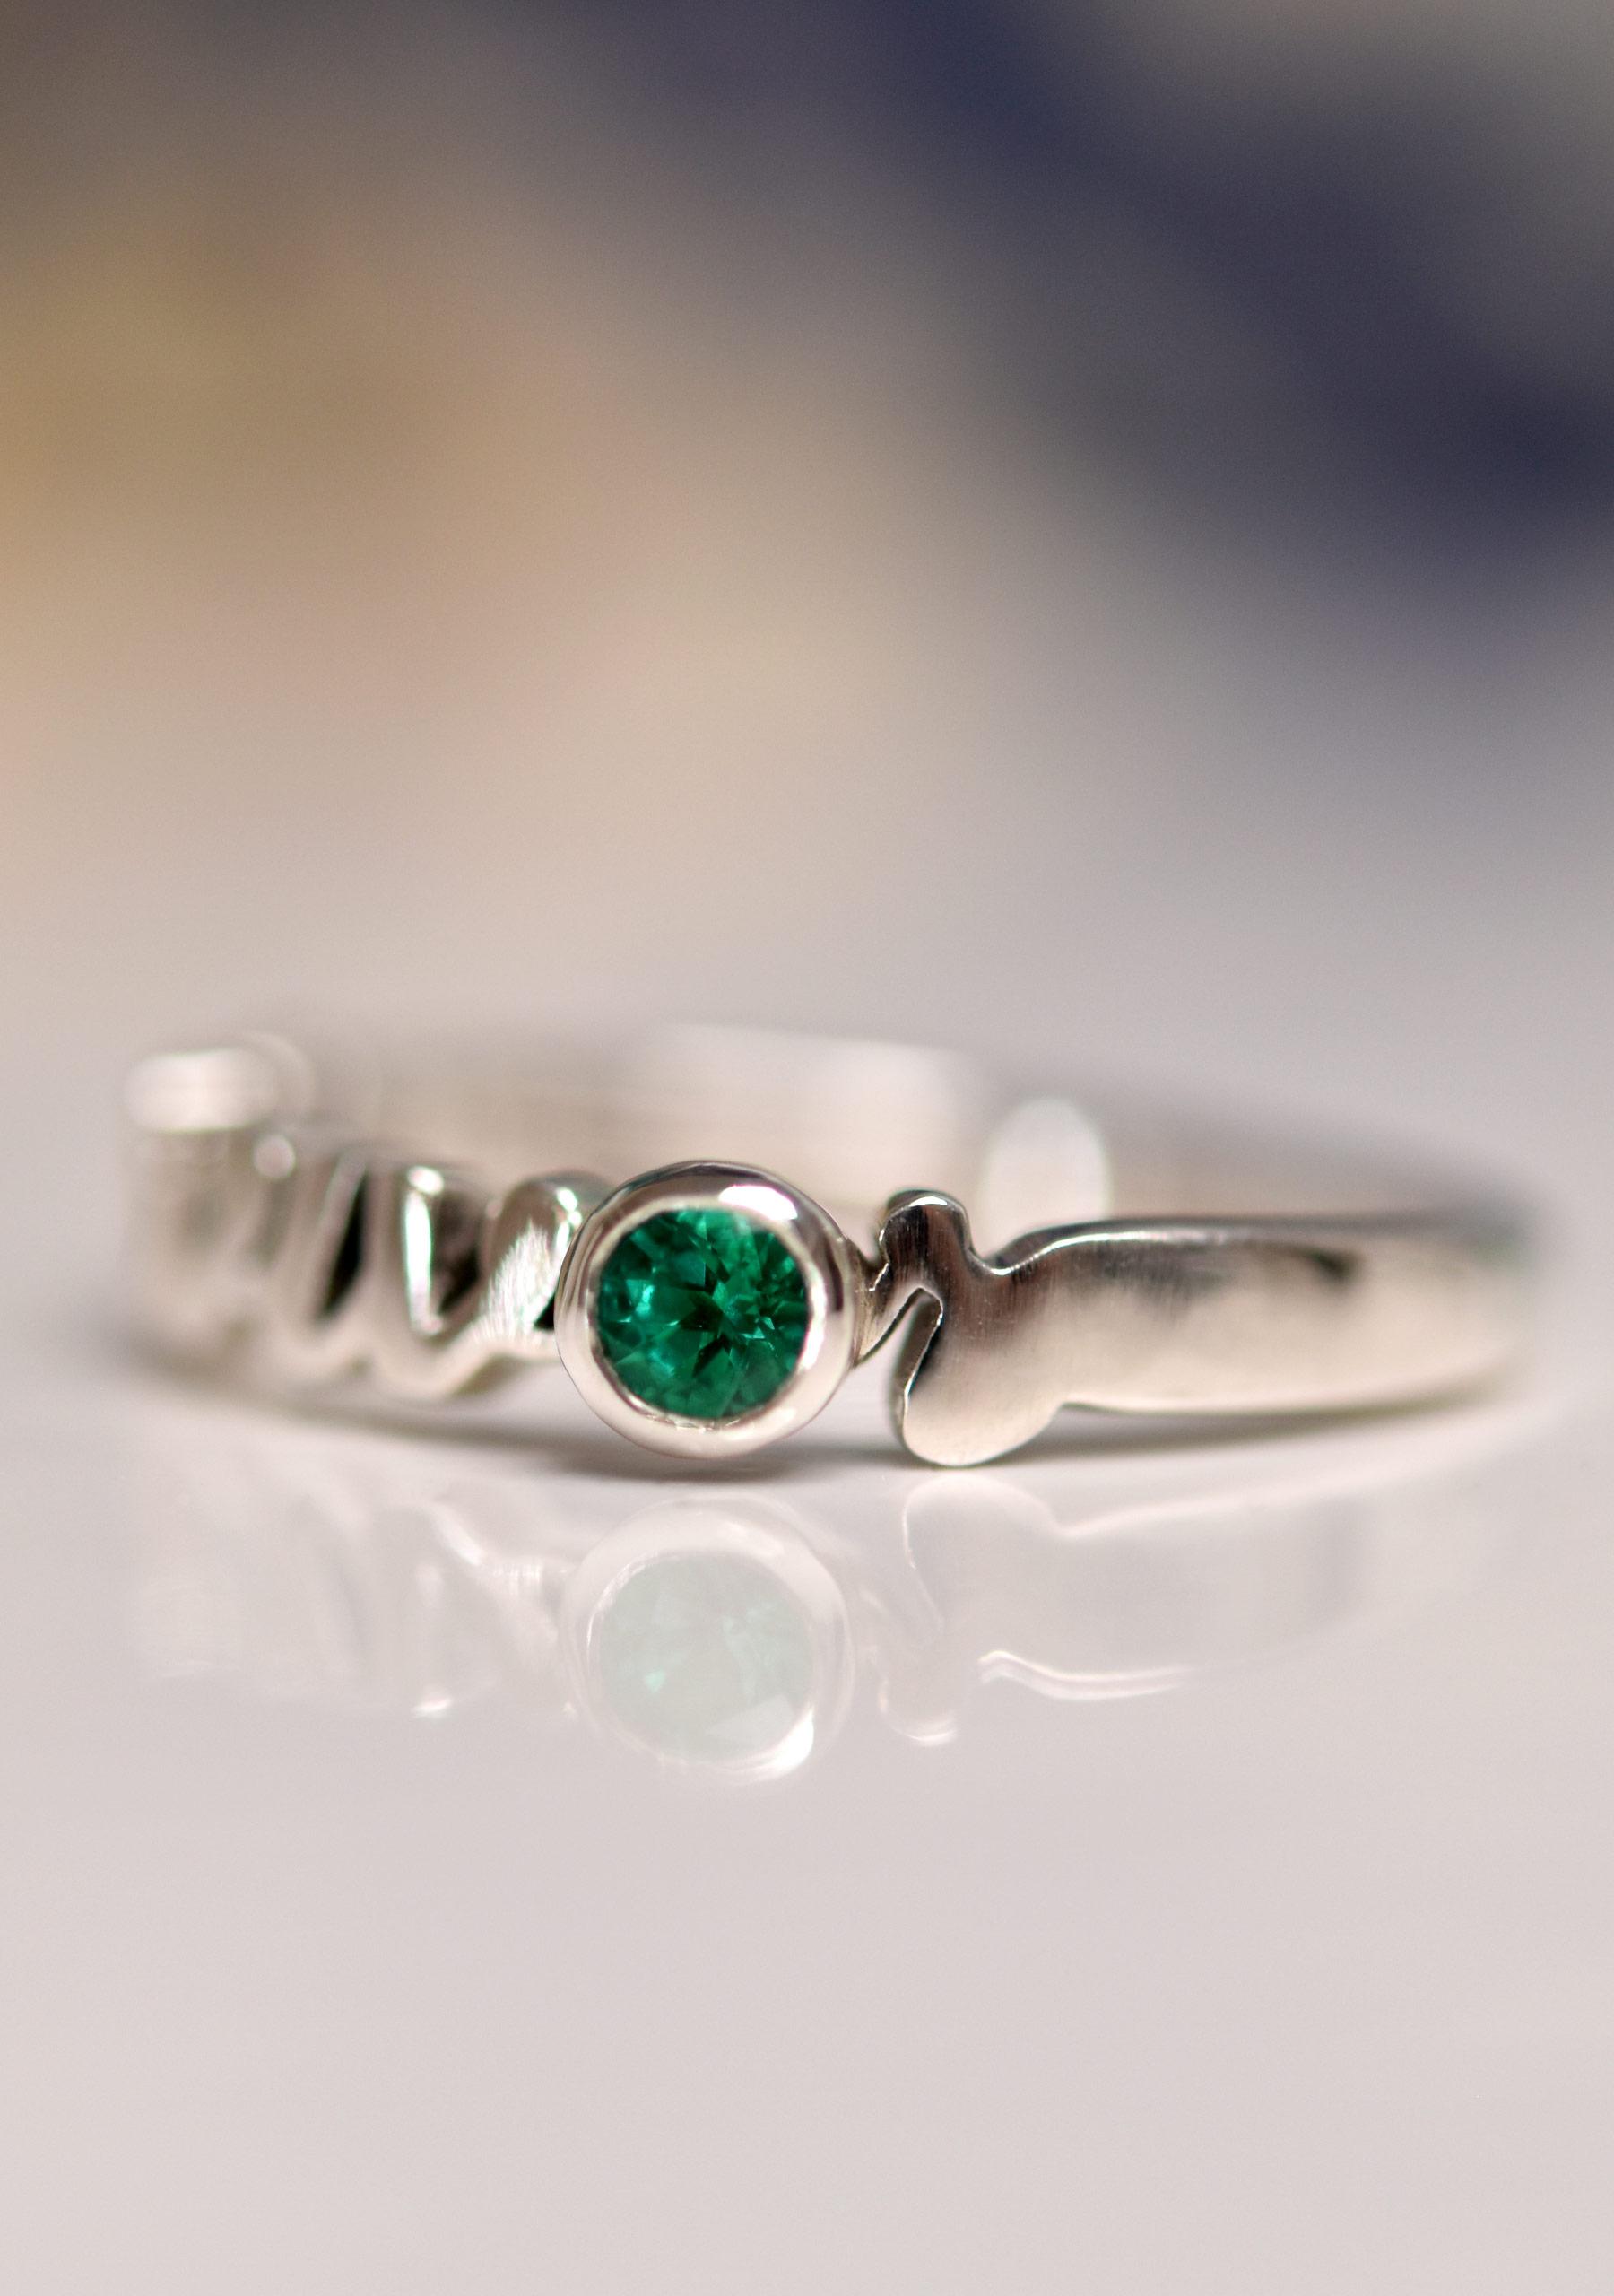 Gemstone Cancer Survivor Ring